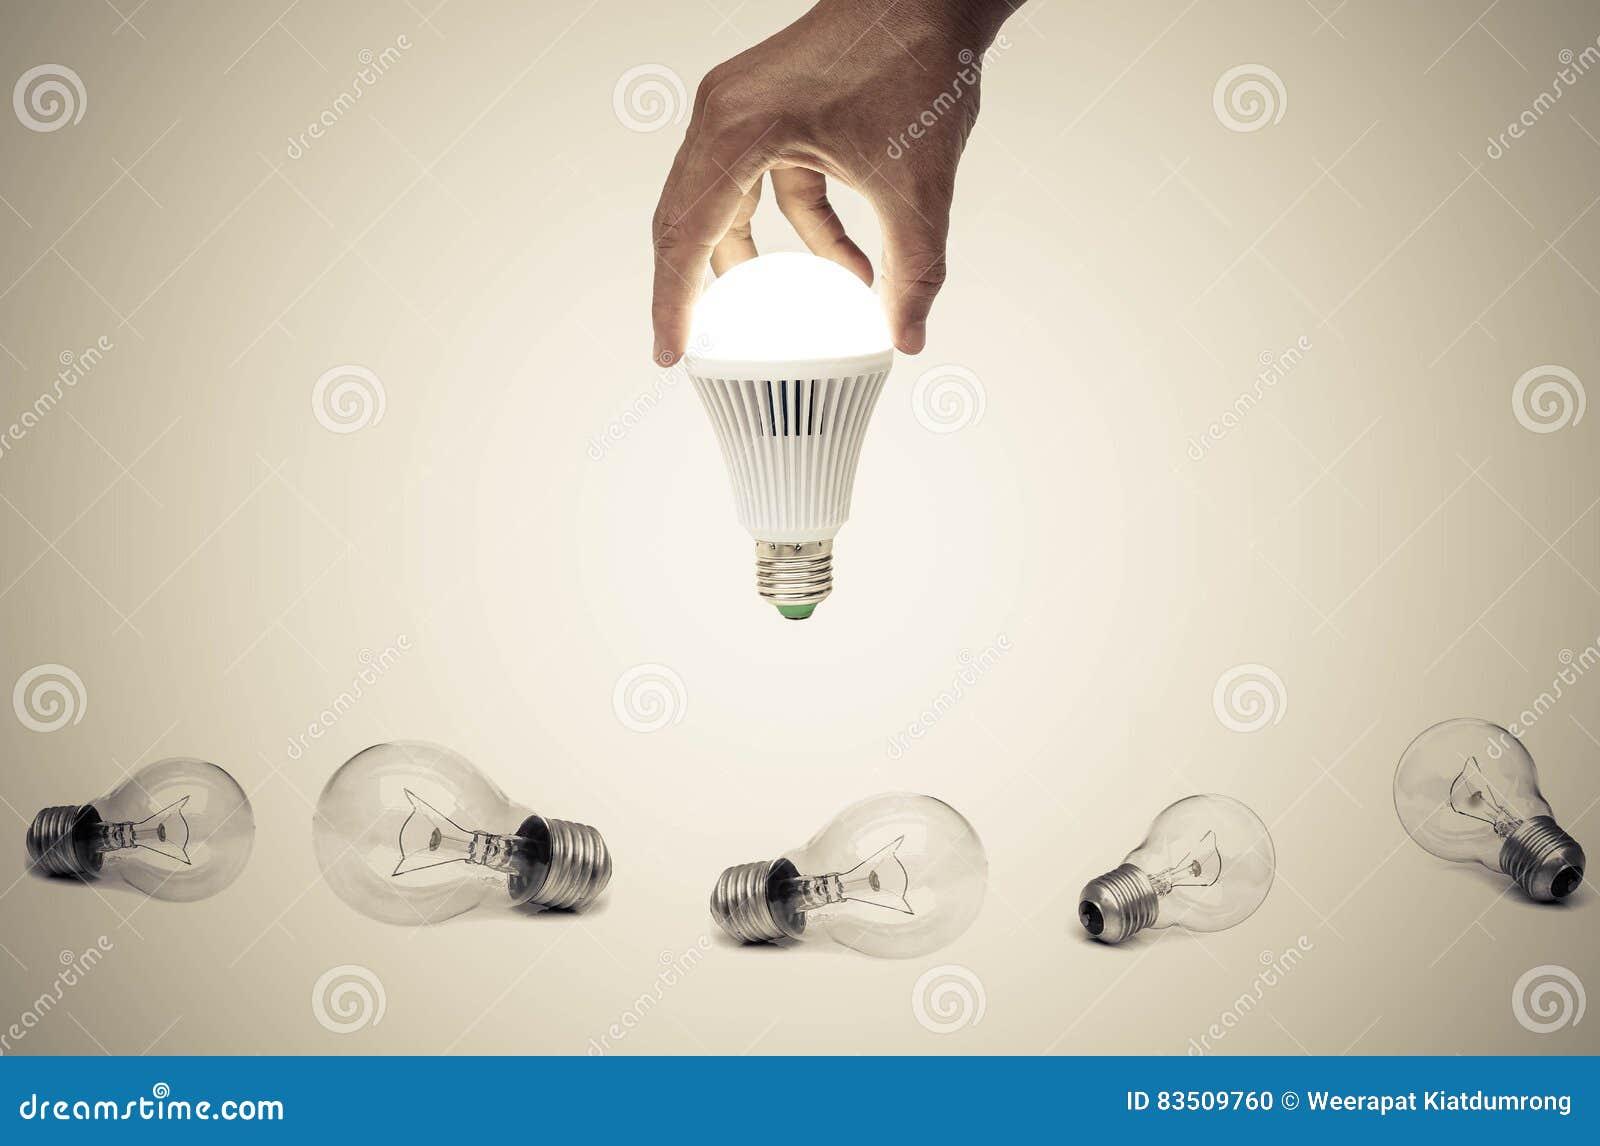 Ampoule aboutie